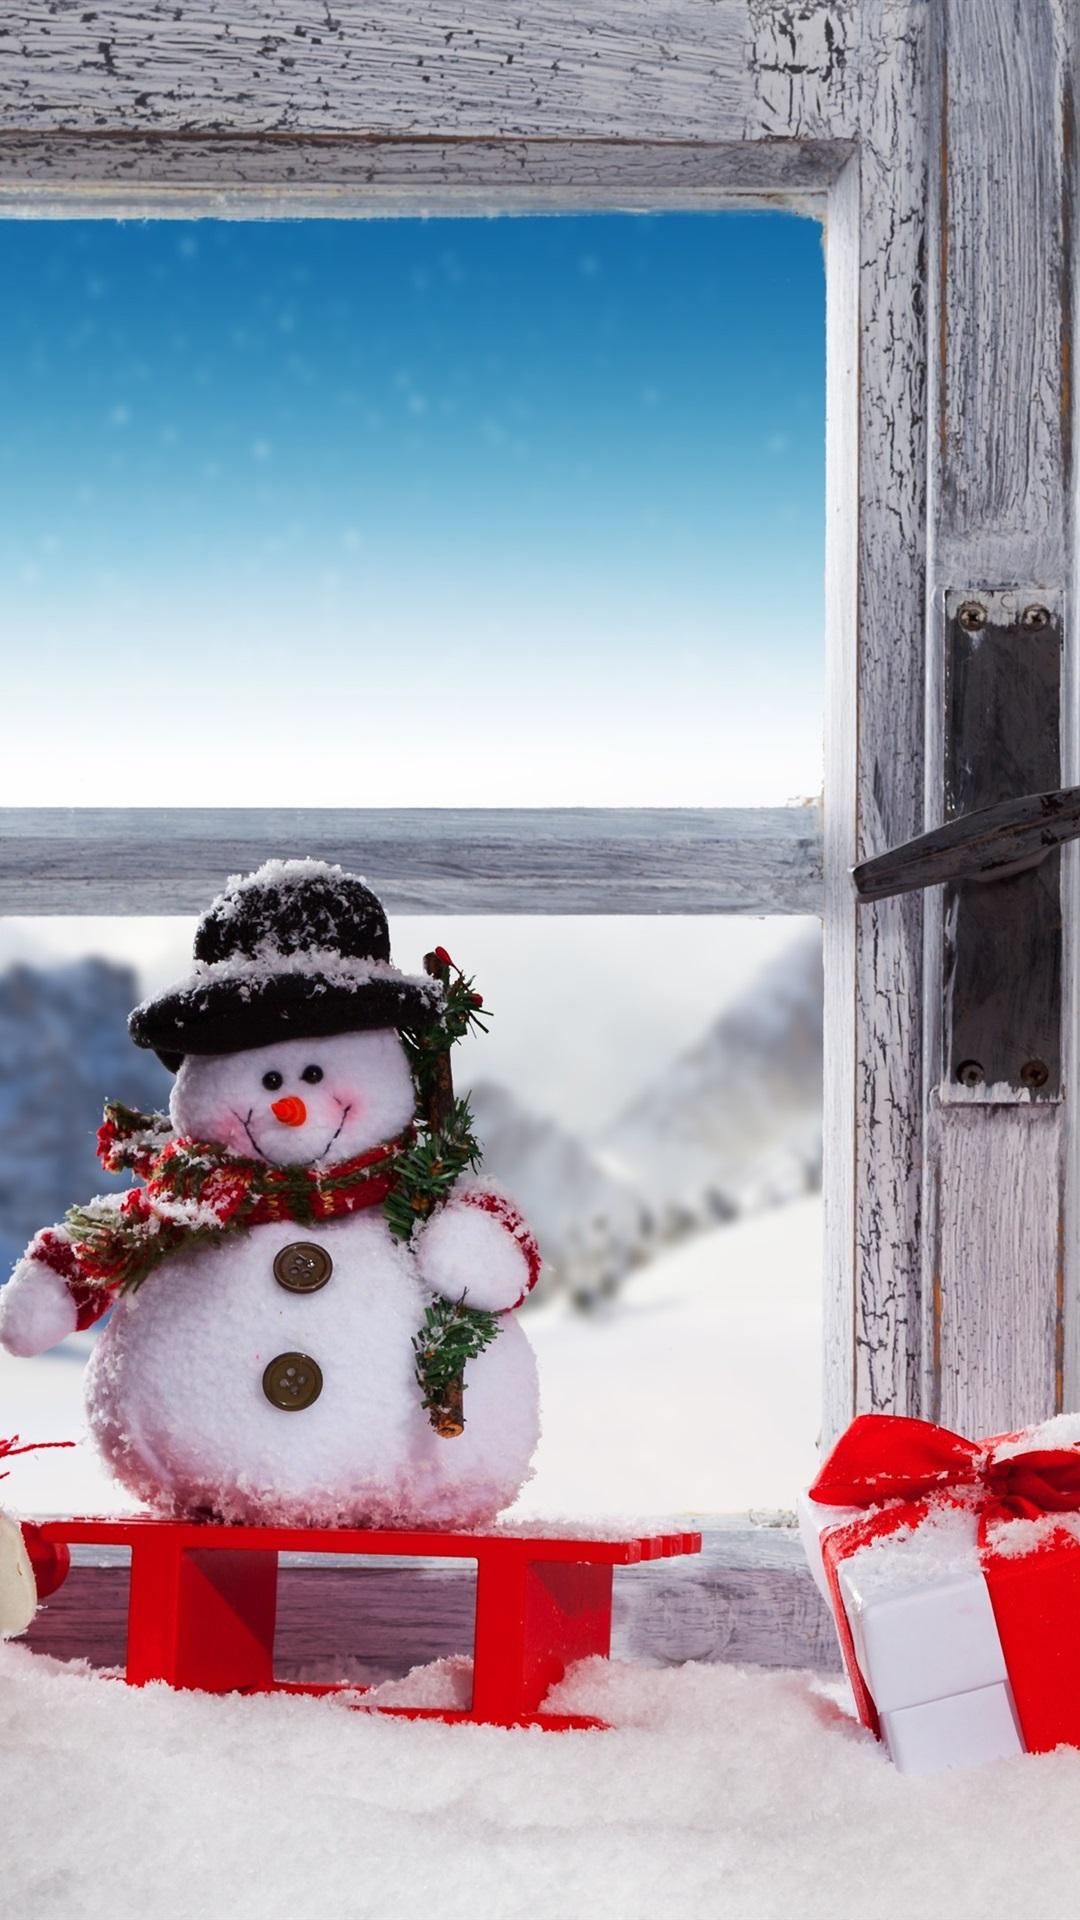 クリスマス 雪だるま 雪 窓 ランプ ギフト 1080x1920 Iphone 8 7